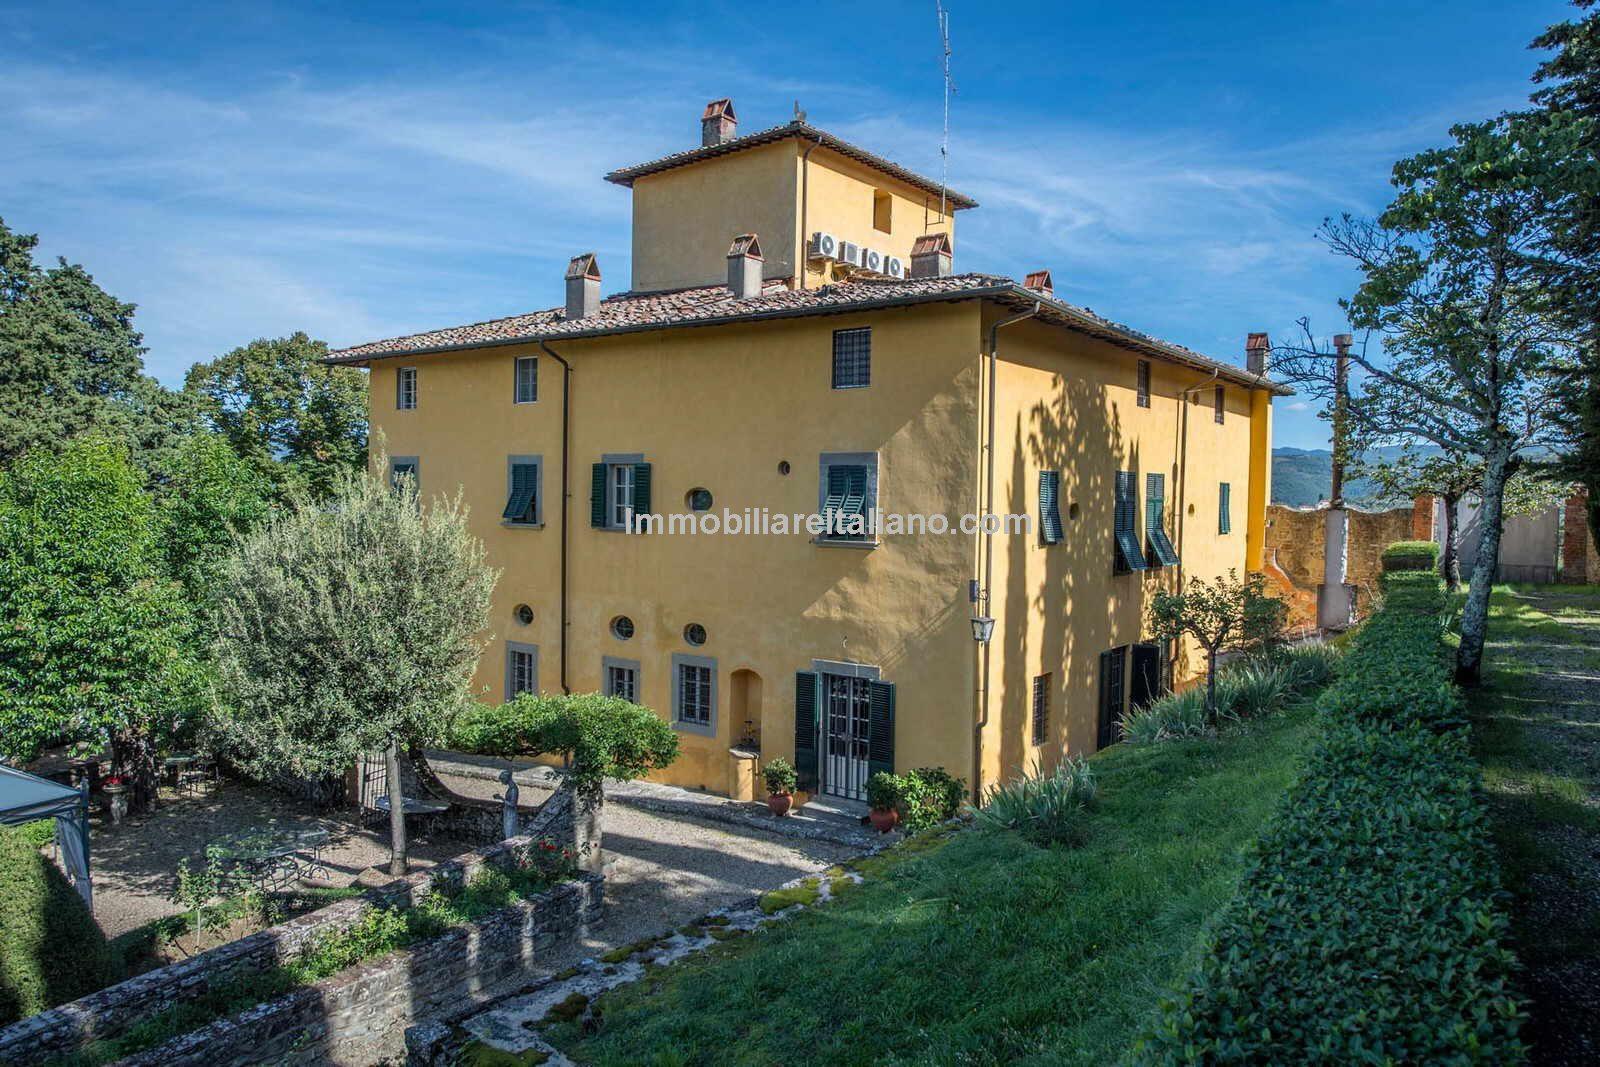 Arezzo views